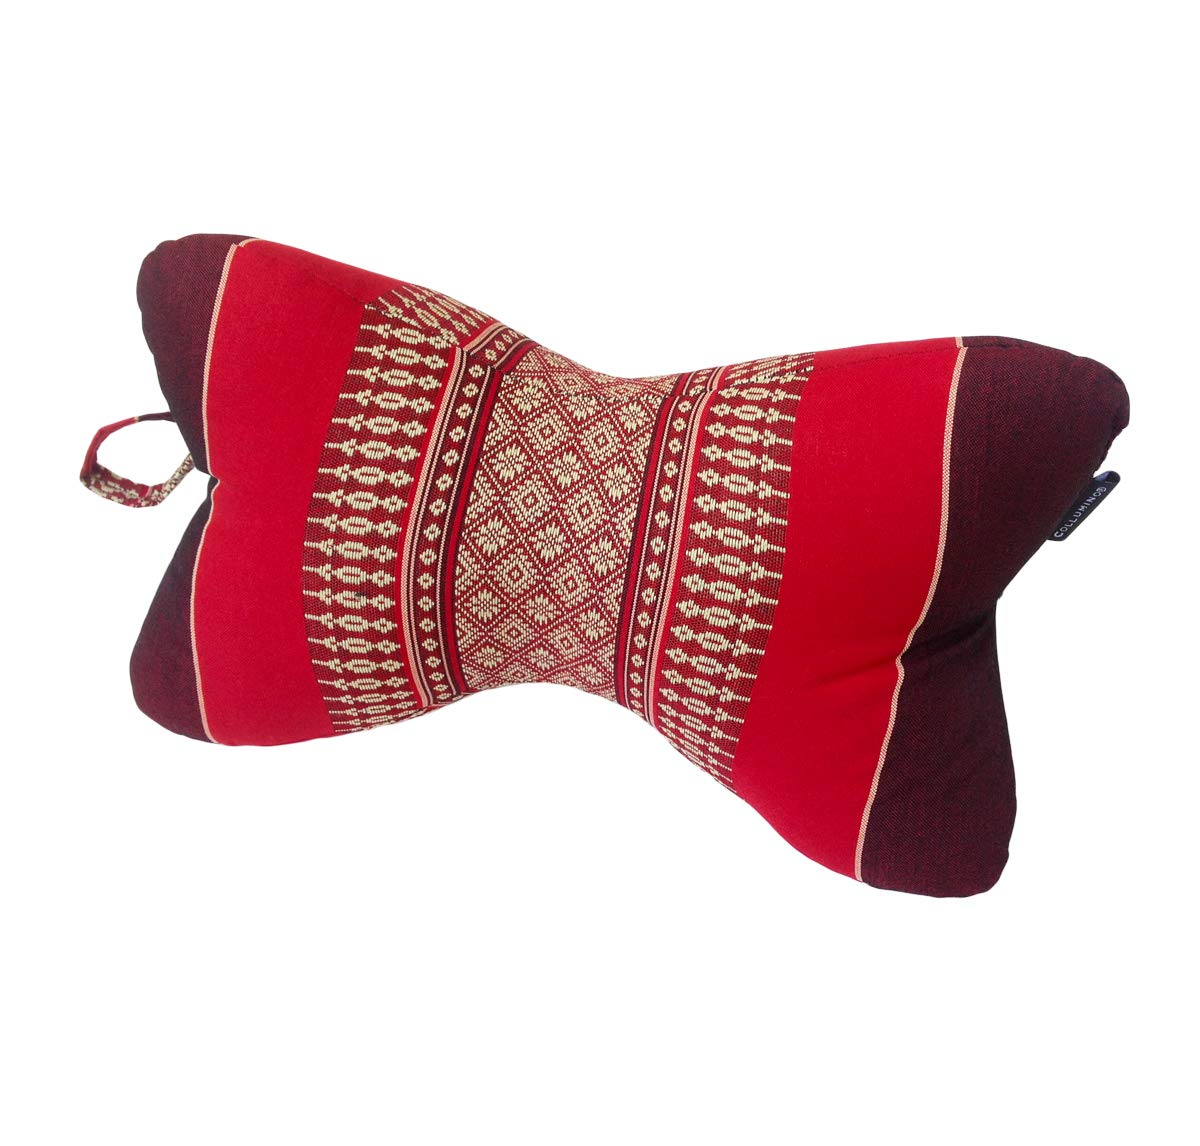 Collumino Traditionnel tha/ï kapok Support de Cou doreiller de Massage pour Le Yoga ou de Relaxation Rouge, Bordeaux